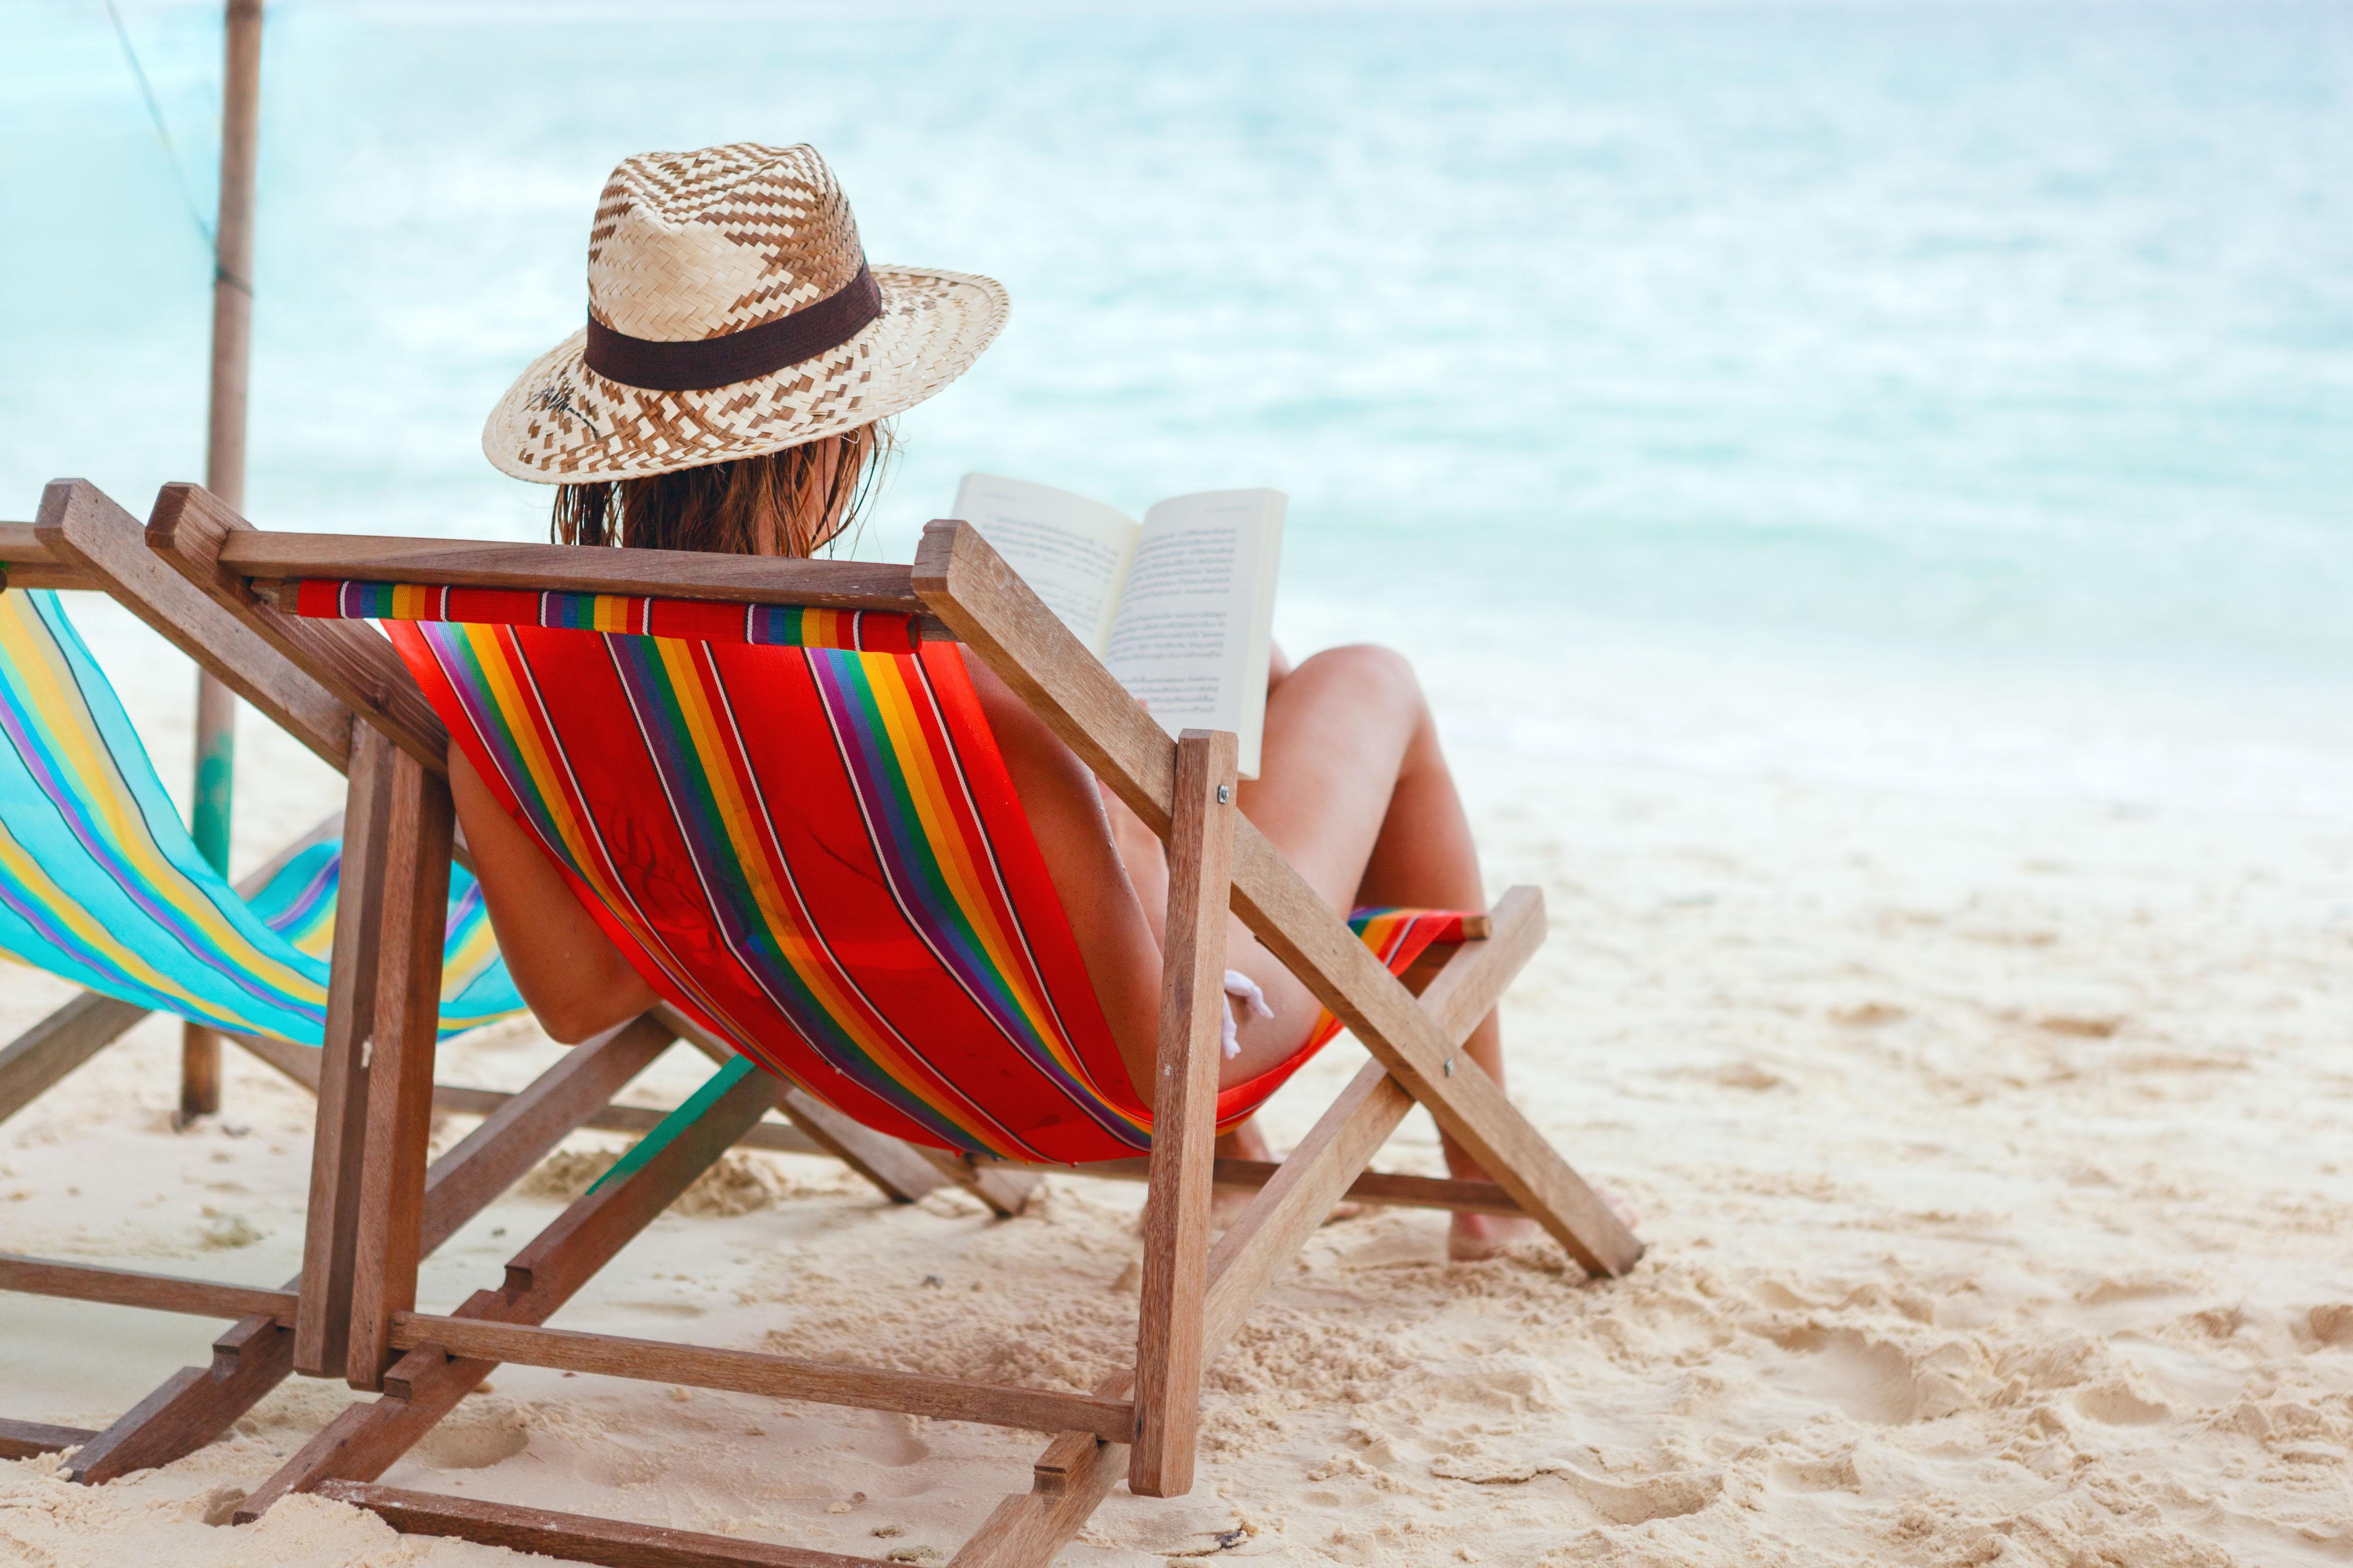 Una mujer en la playa. Fuente: Shutterstock